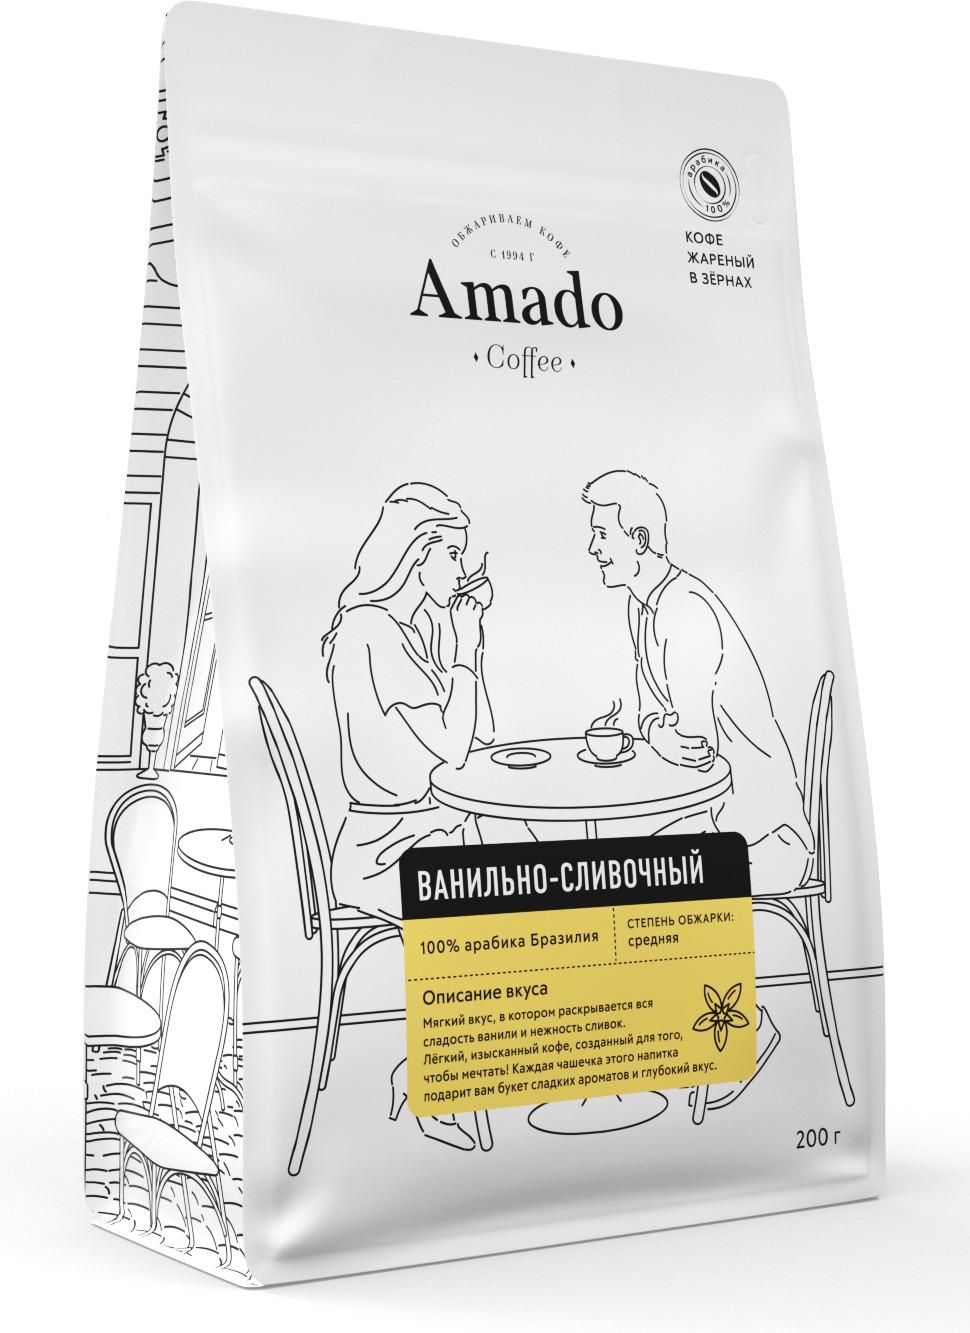 AMADO Ванильно-сливочный кофе в зернах, 200 г amado шоколад кофе в зернах 200 г